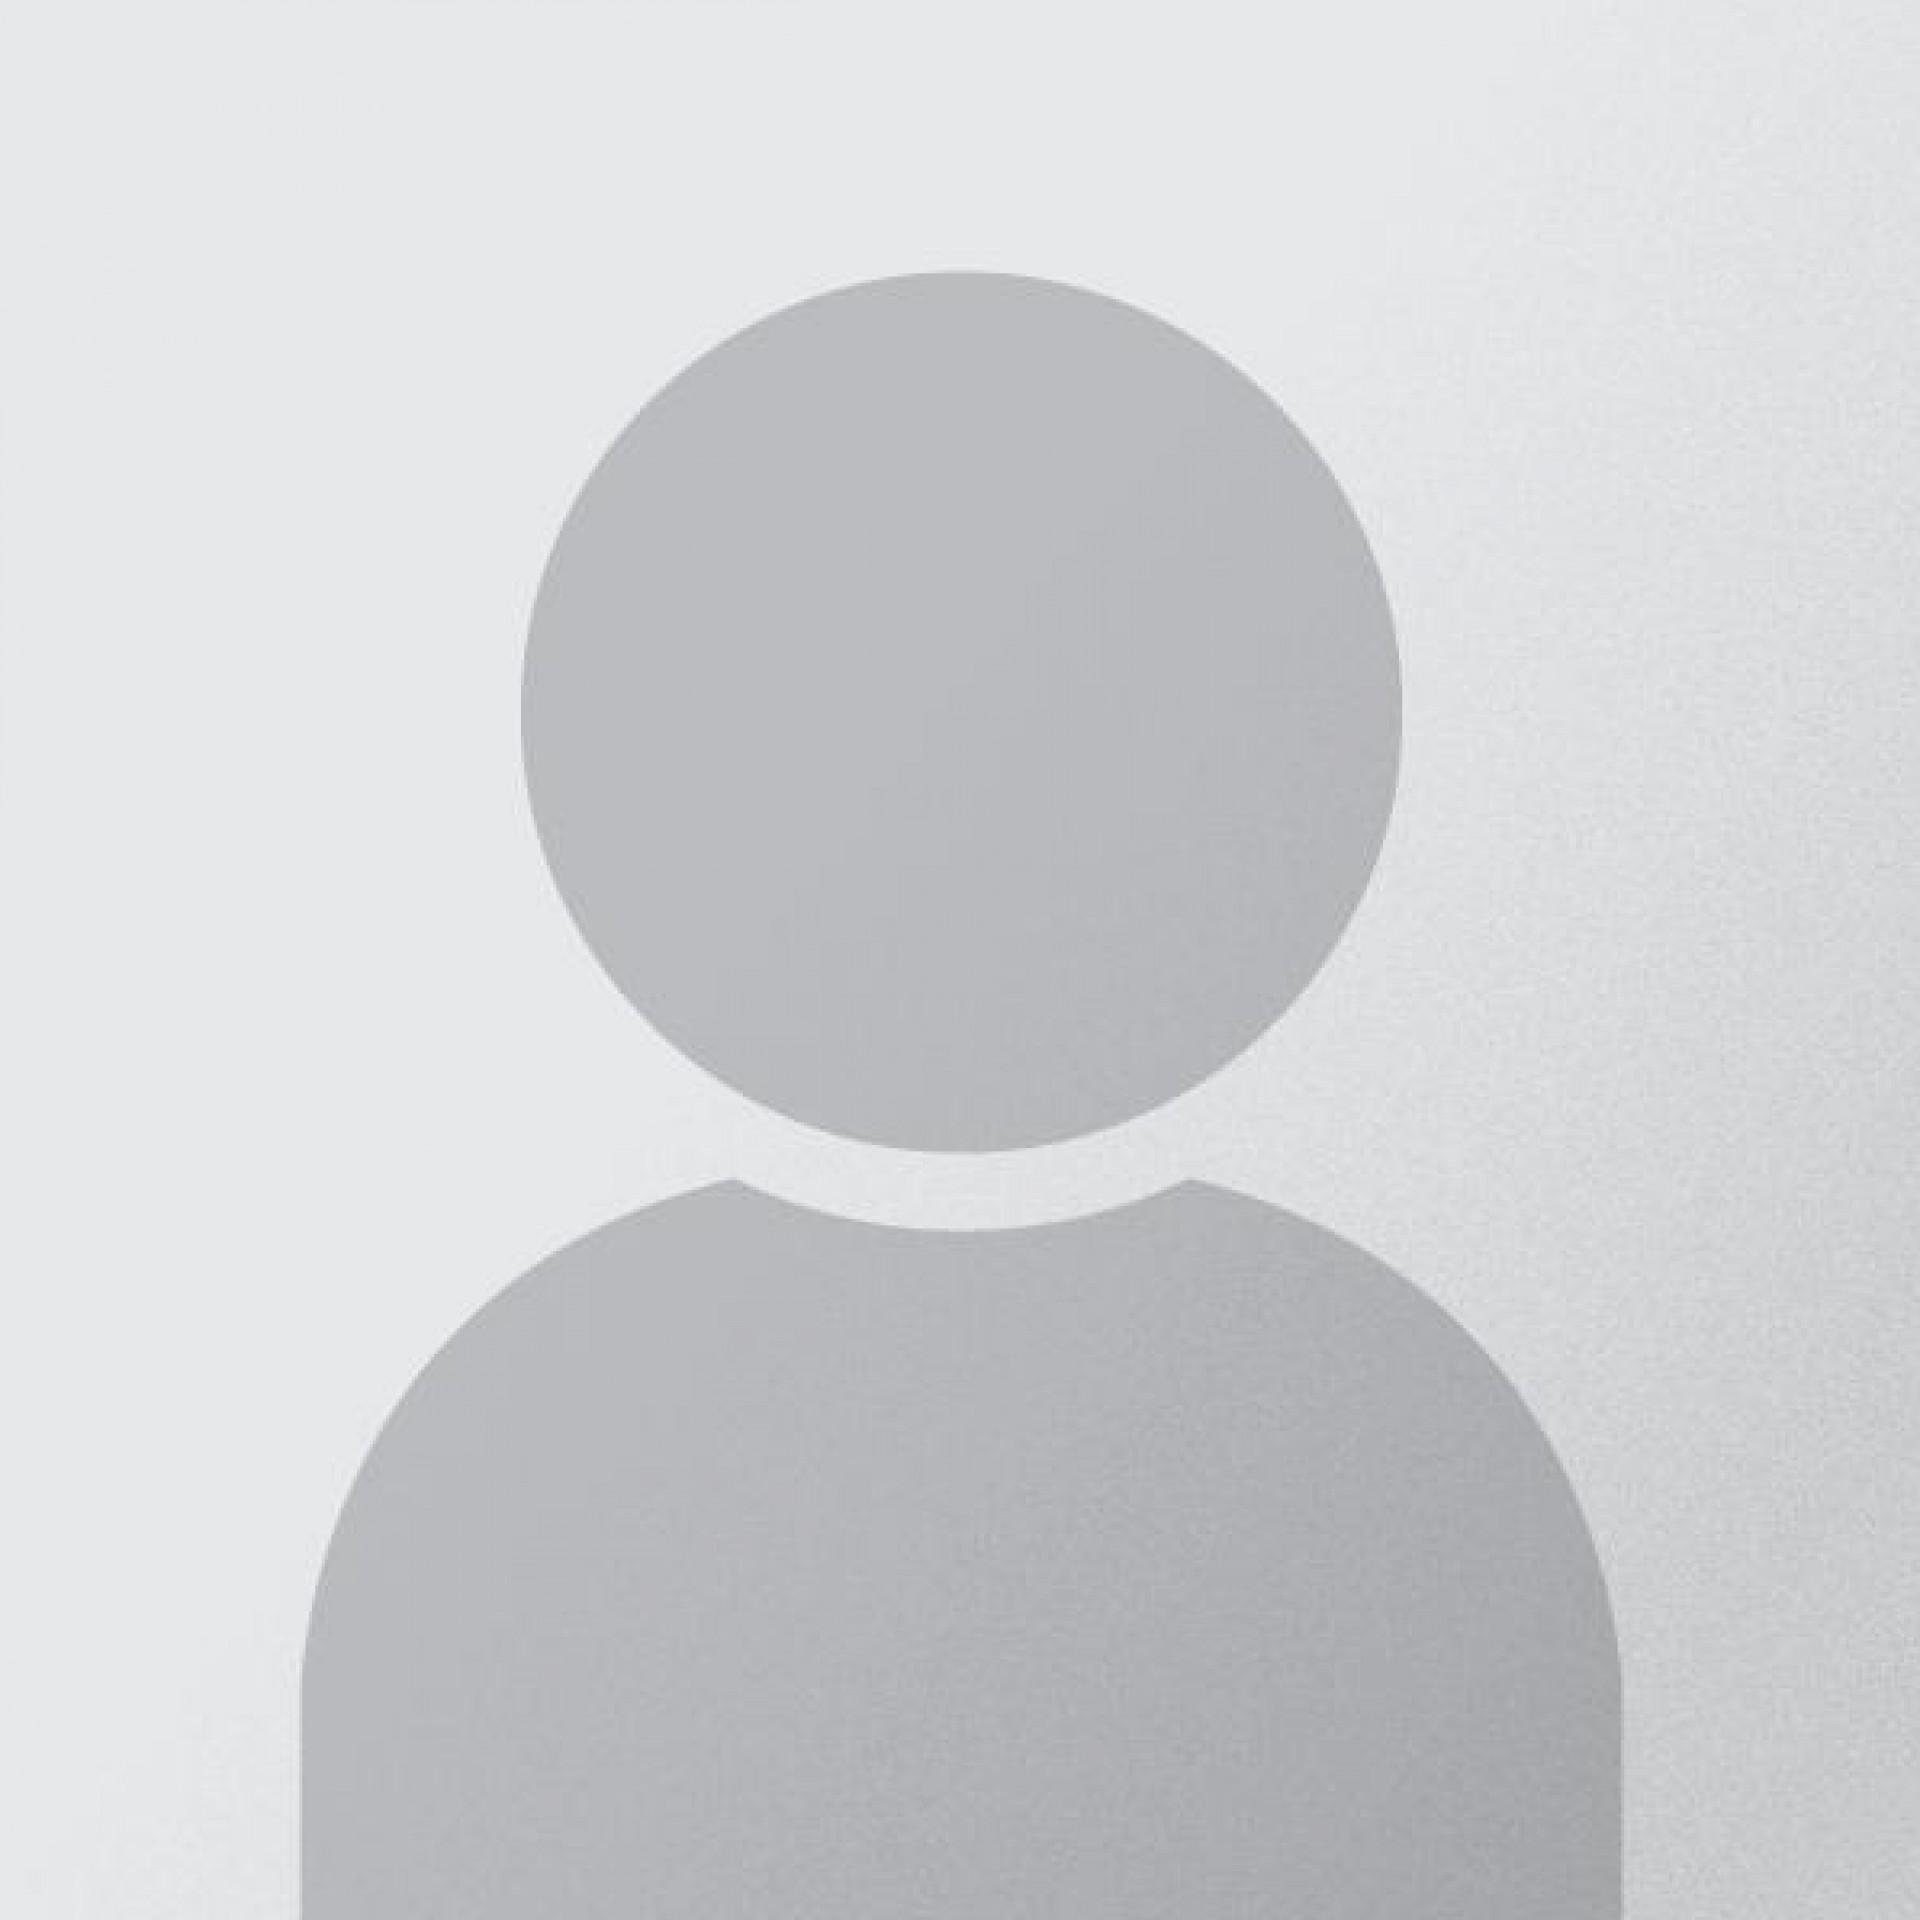 fotografia p021 profilu 0102LGJHL0